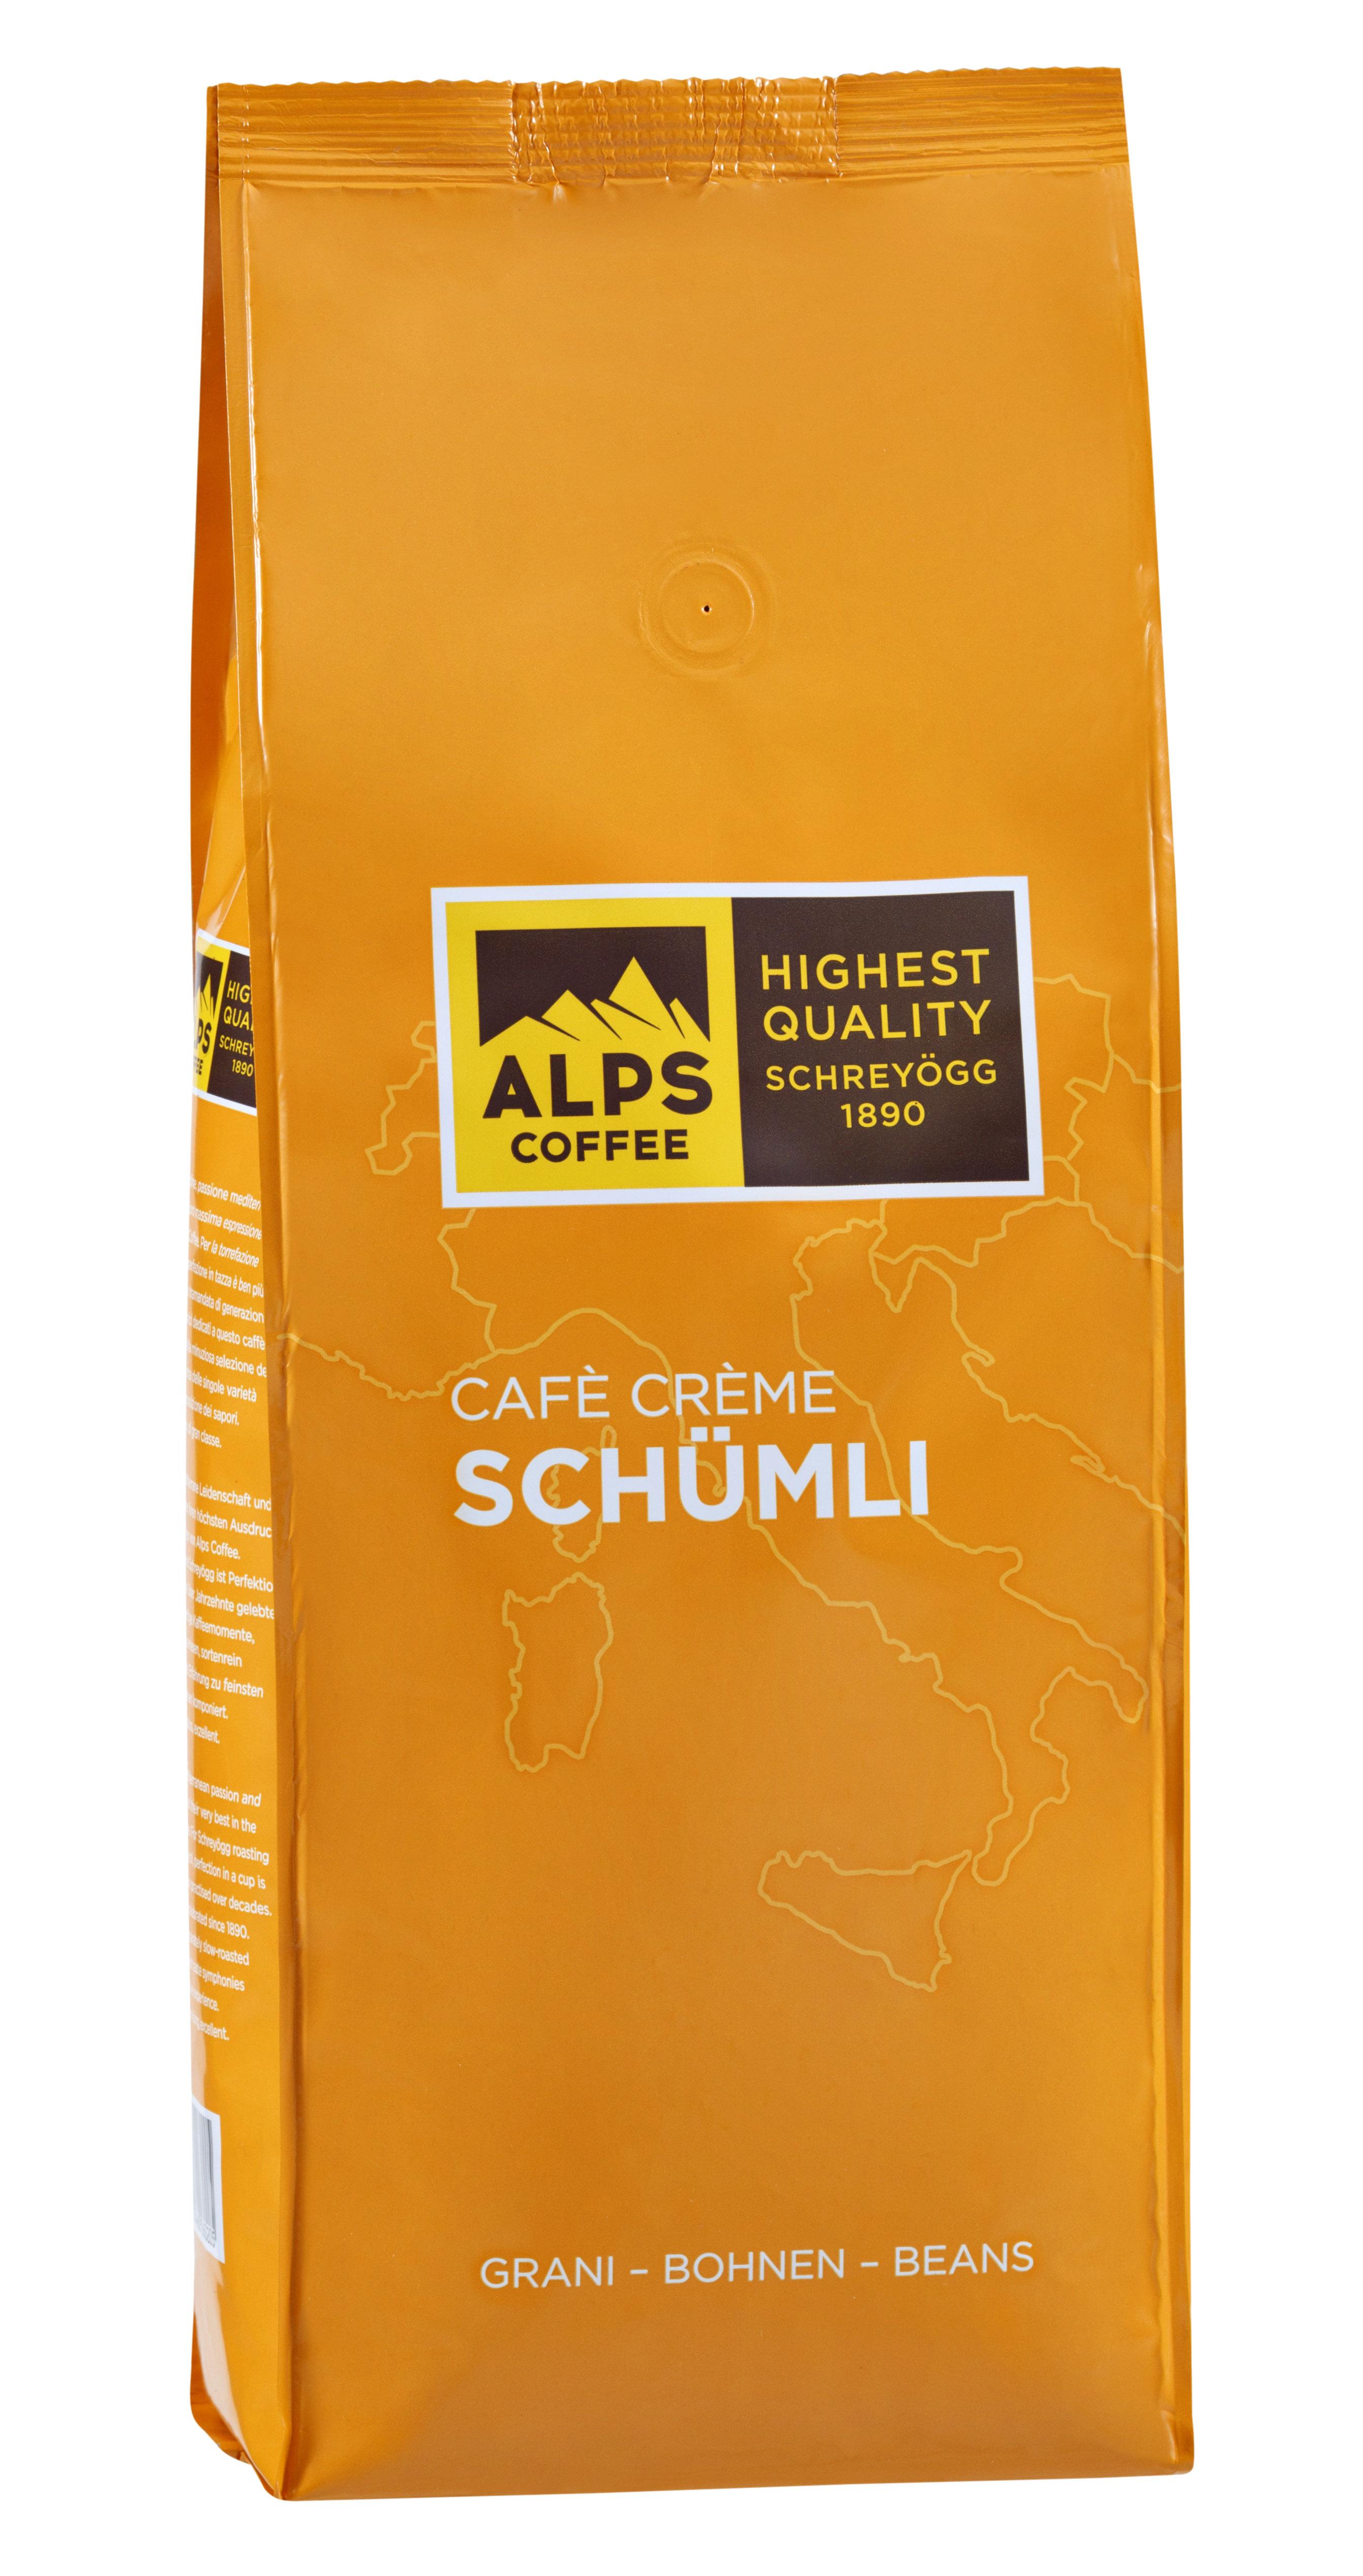 ALPS Coffee - Schreyögg Schümli Cafe Creme Espresso Kaffee 500 Gramm Bohnen